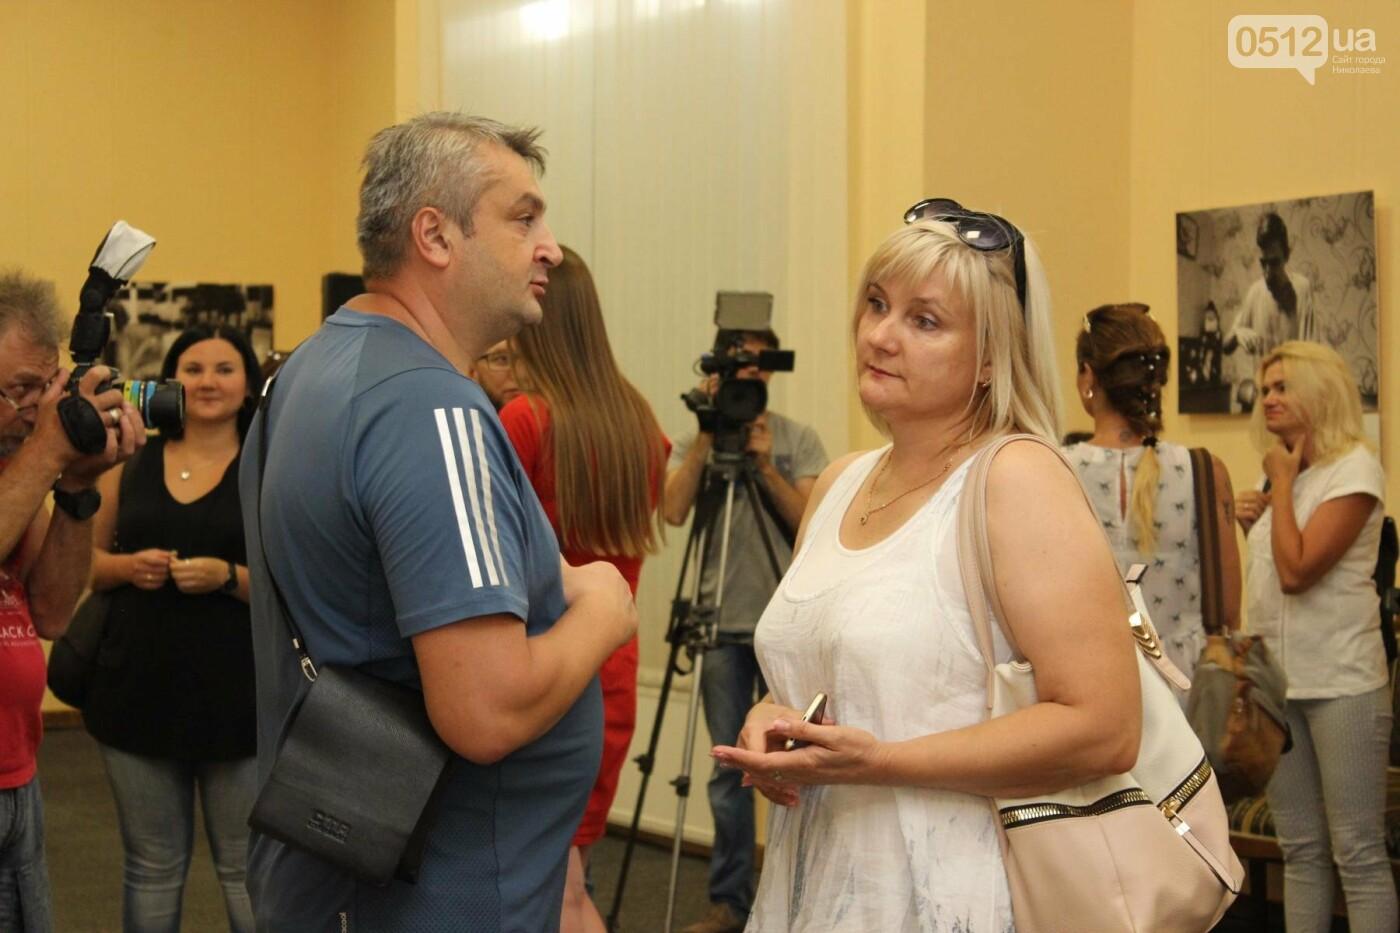 В Николаеве прошла фото-выставка людей, которые борются за жизнь, - ФОТО, фото-9